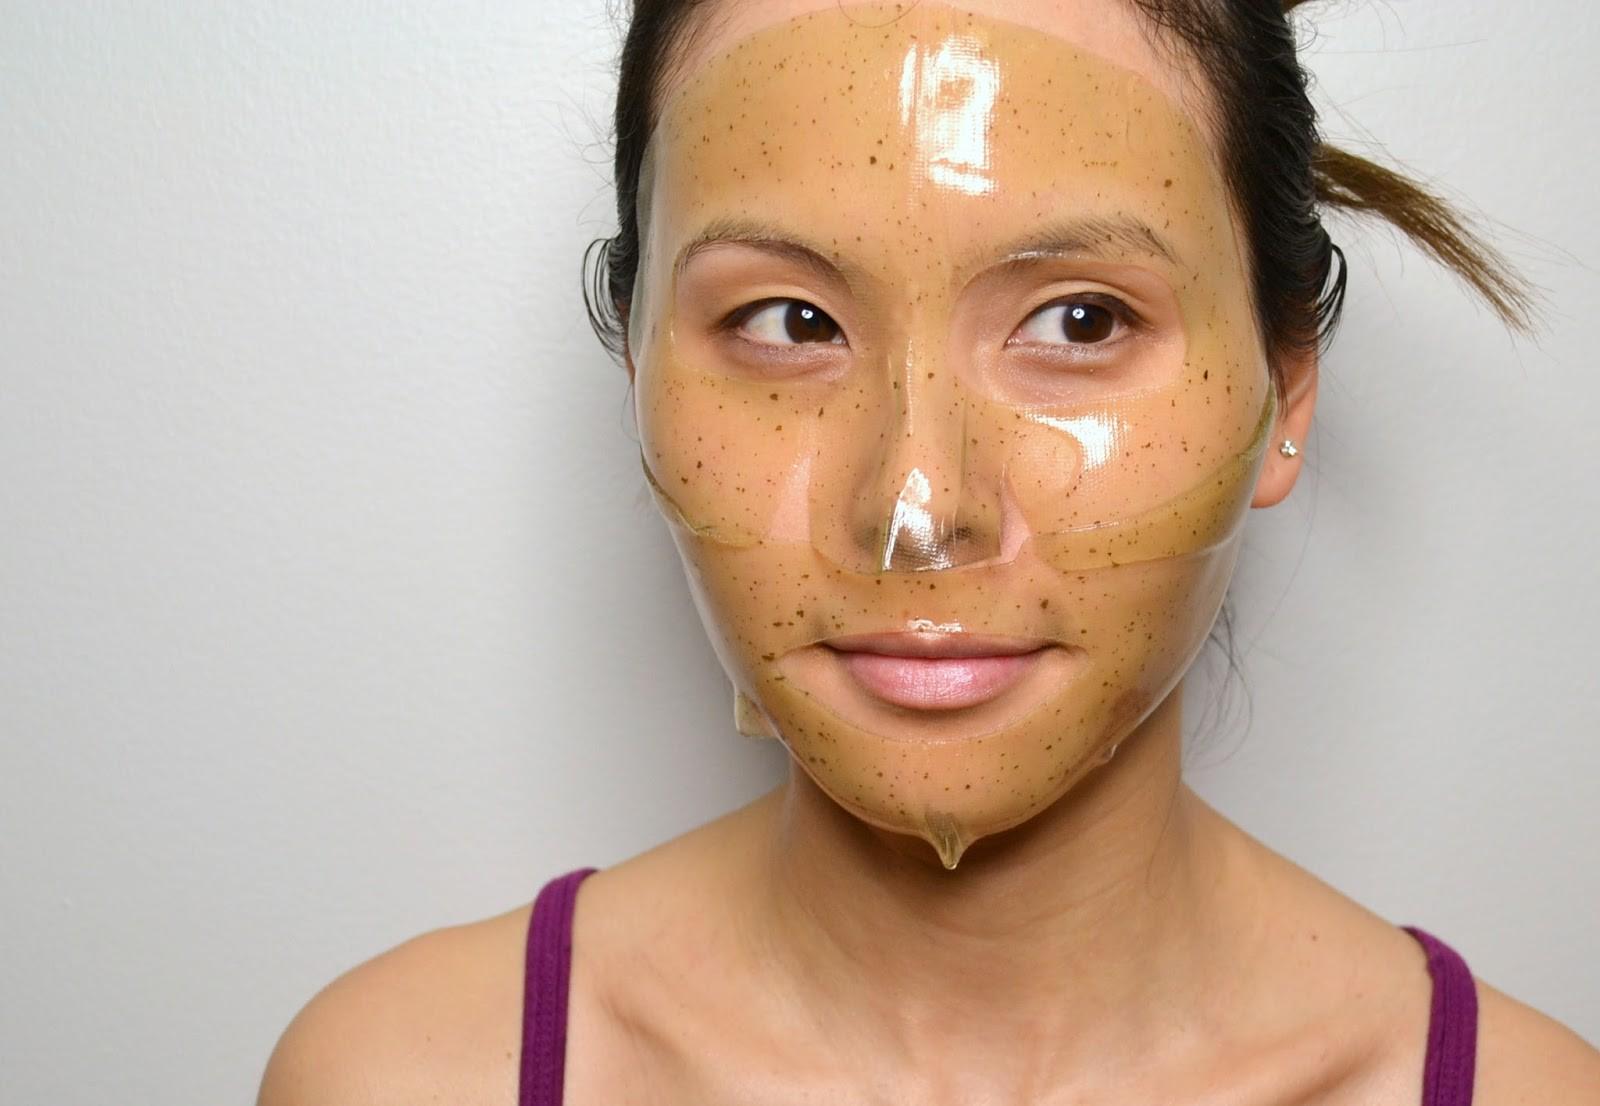 Cách giải quyết nhanh gọn 5 vấn đề của làn da mà bạn dễ gặp phải vào những ngày cuối hè  - Ảnh 5.